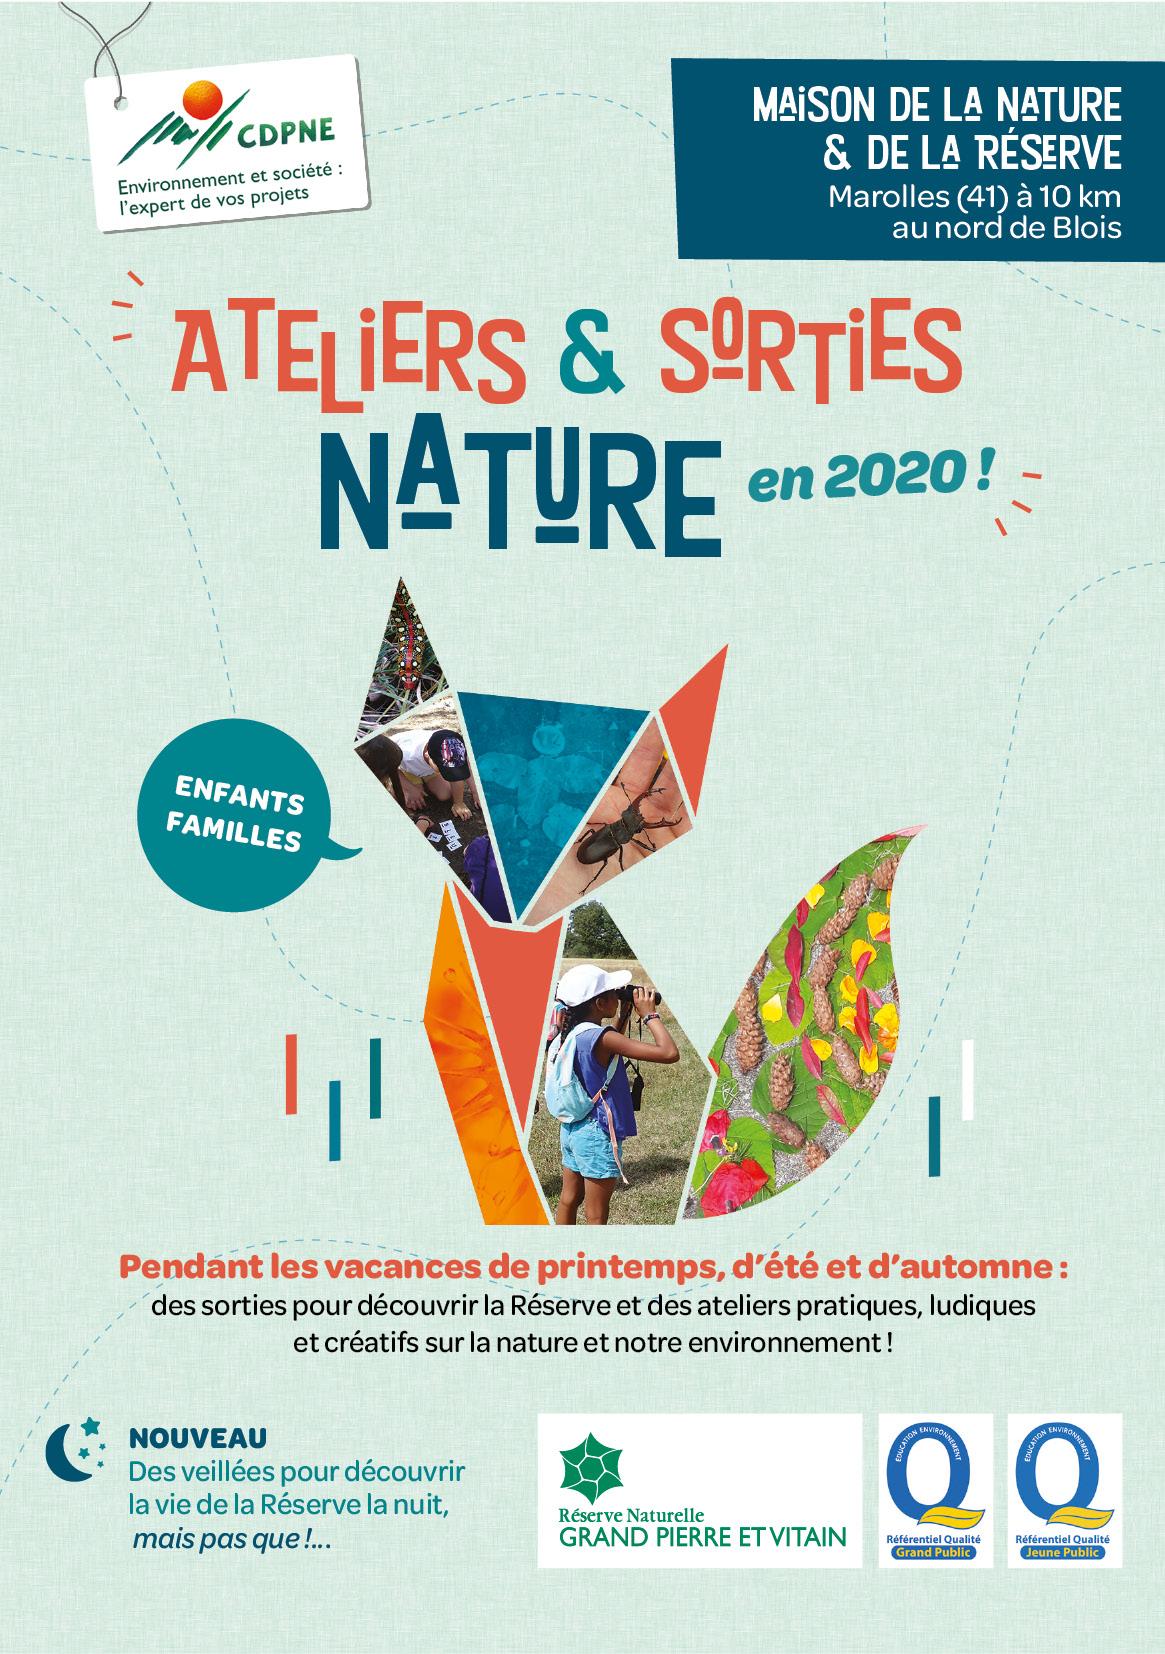 Ateliers-Sorties-nature-2020-Loir-et-Cher-Blois-Marolles-Maison-Réserve-Nature-CDPNE